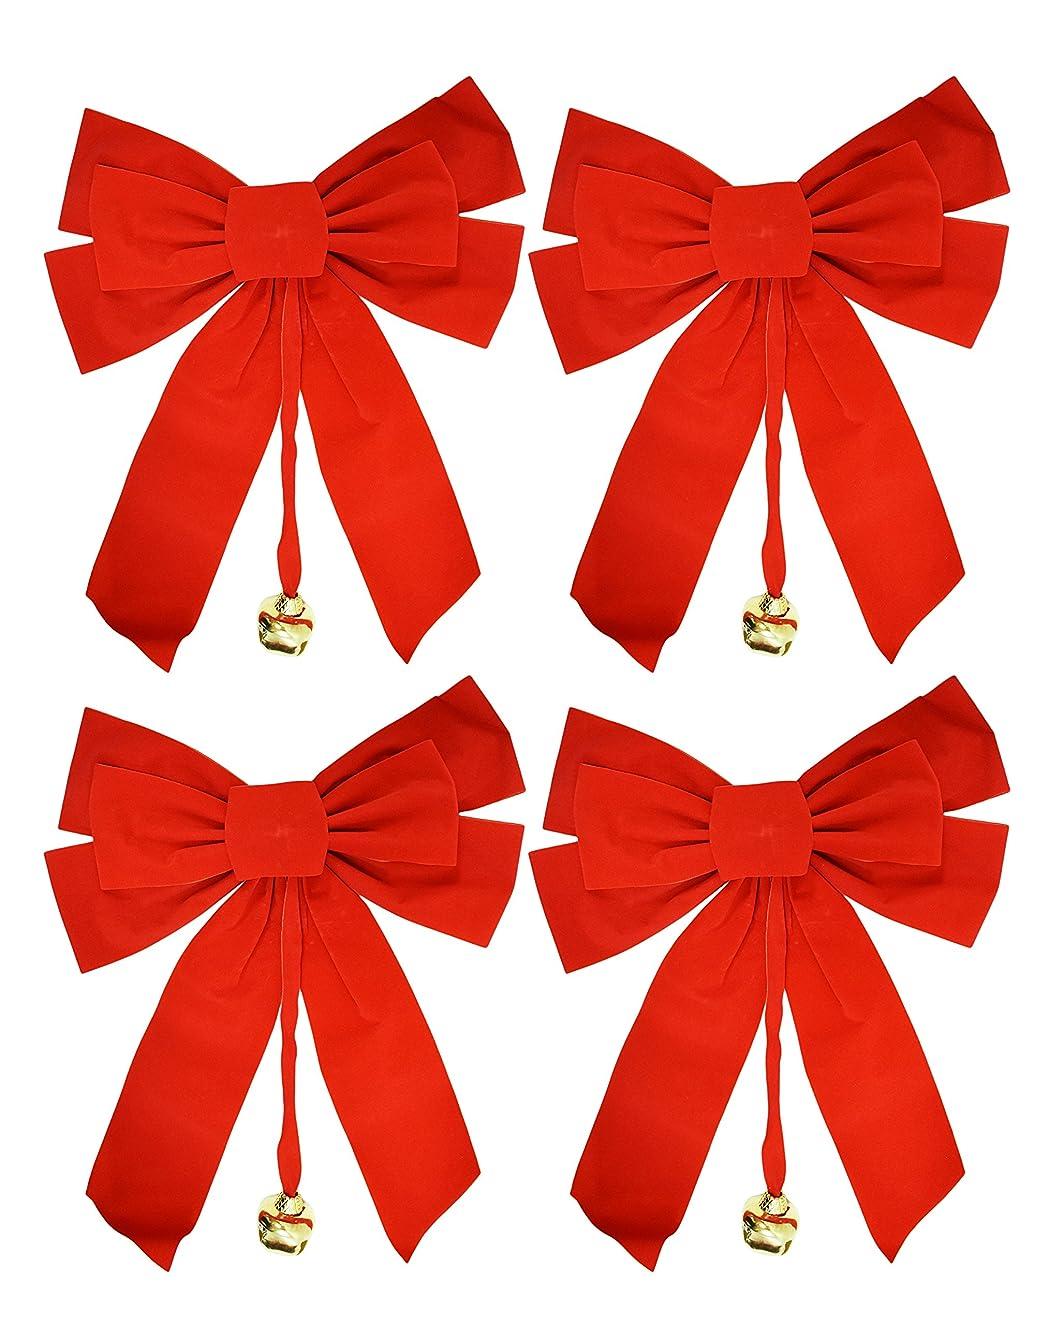 2, 4, 8 or 12 Large Red Velvet Christmas Bows 10